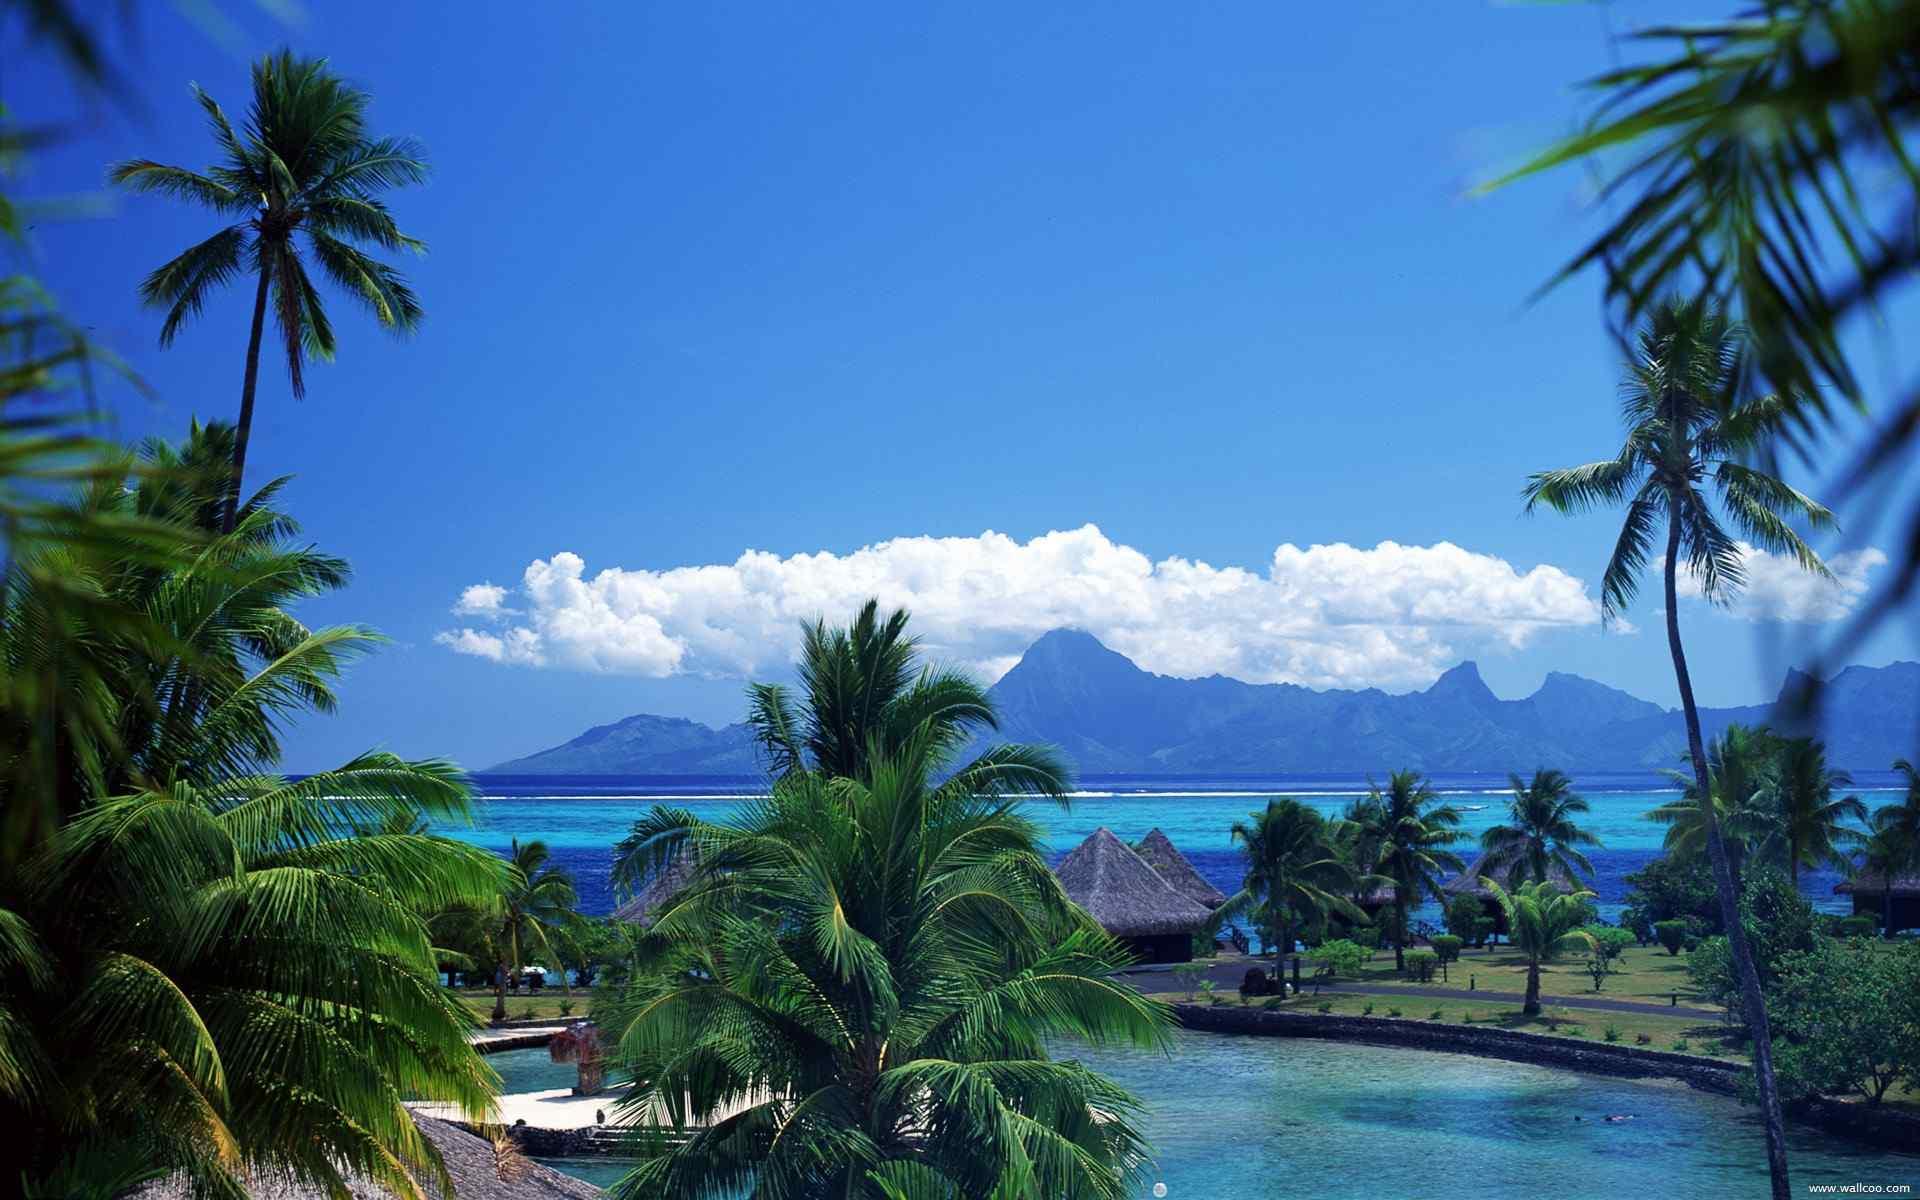 国外美丽海岛风光图片高清电脑桌面壁纸 海岛图片